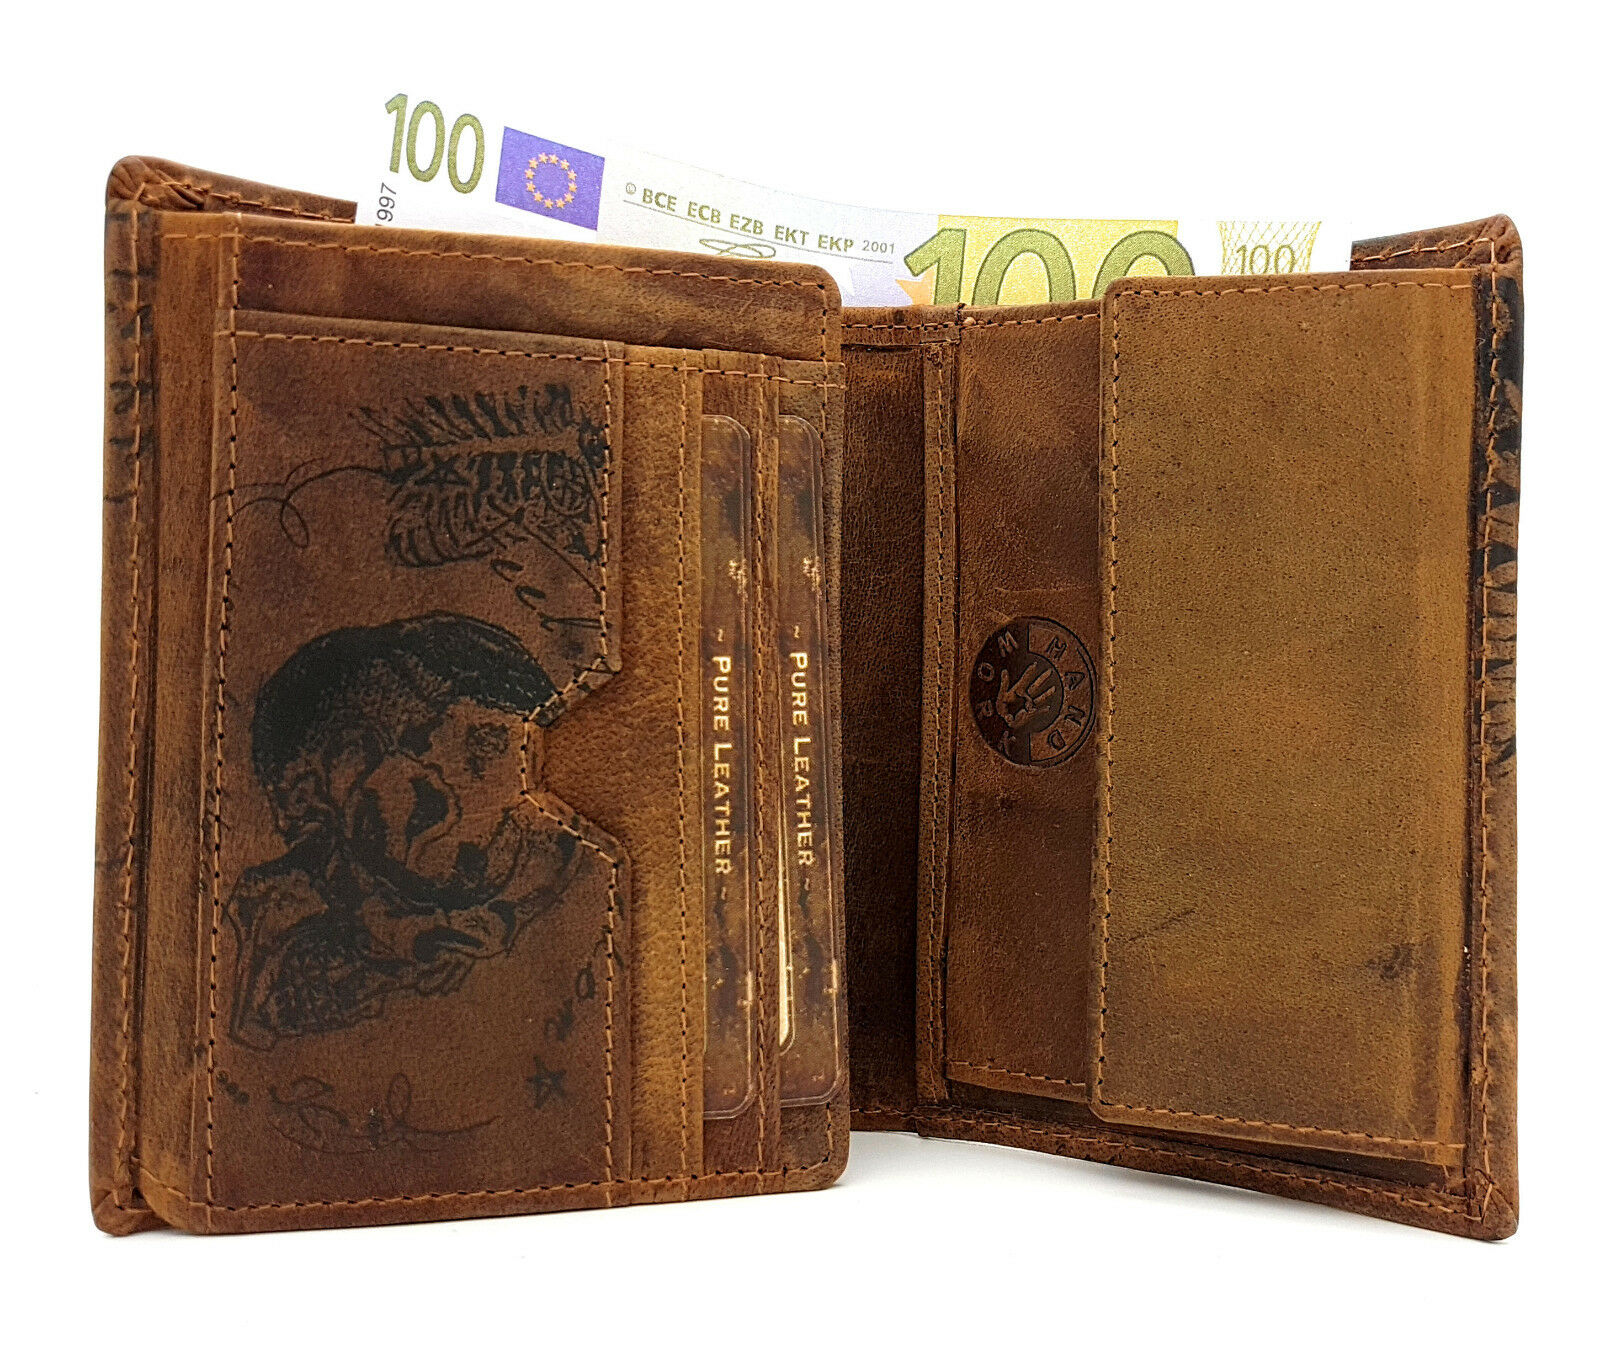 Echt Echt Echt Leder Geldbörse Hunterleder Portemonnaie Totenkopf Schädel Skull | Praktisch Und Wirtschaftlich  df10b0